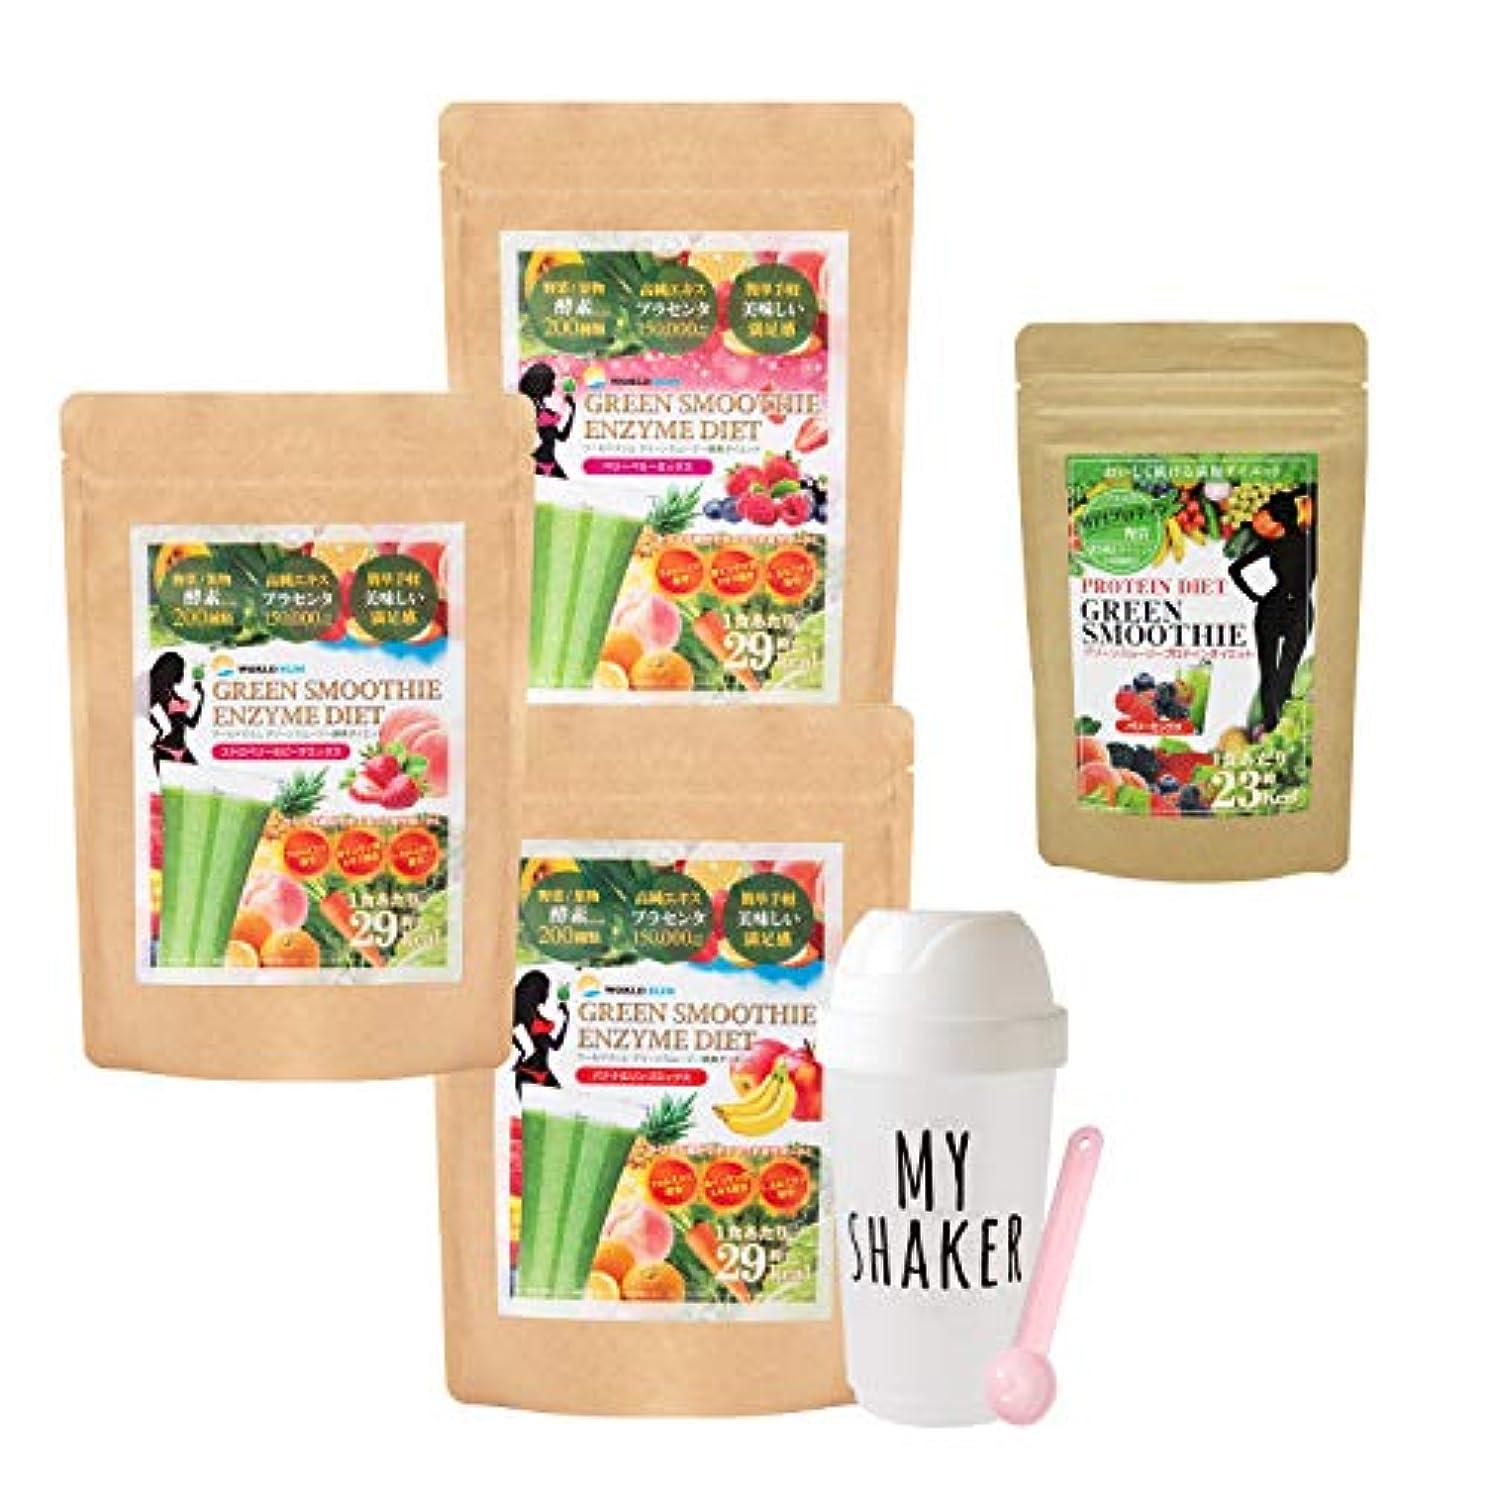 【選べるグリーンスムージー3個セット】ワールドスリムグリーンスムージー酵素ダイエット3袋セット World Slim Green Smoothie Enzyme Diet (A.バナナ/ストロベリー/ベリーベリー, プロテイングリーンスムージー1袋)